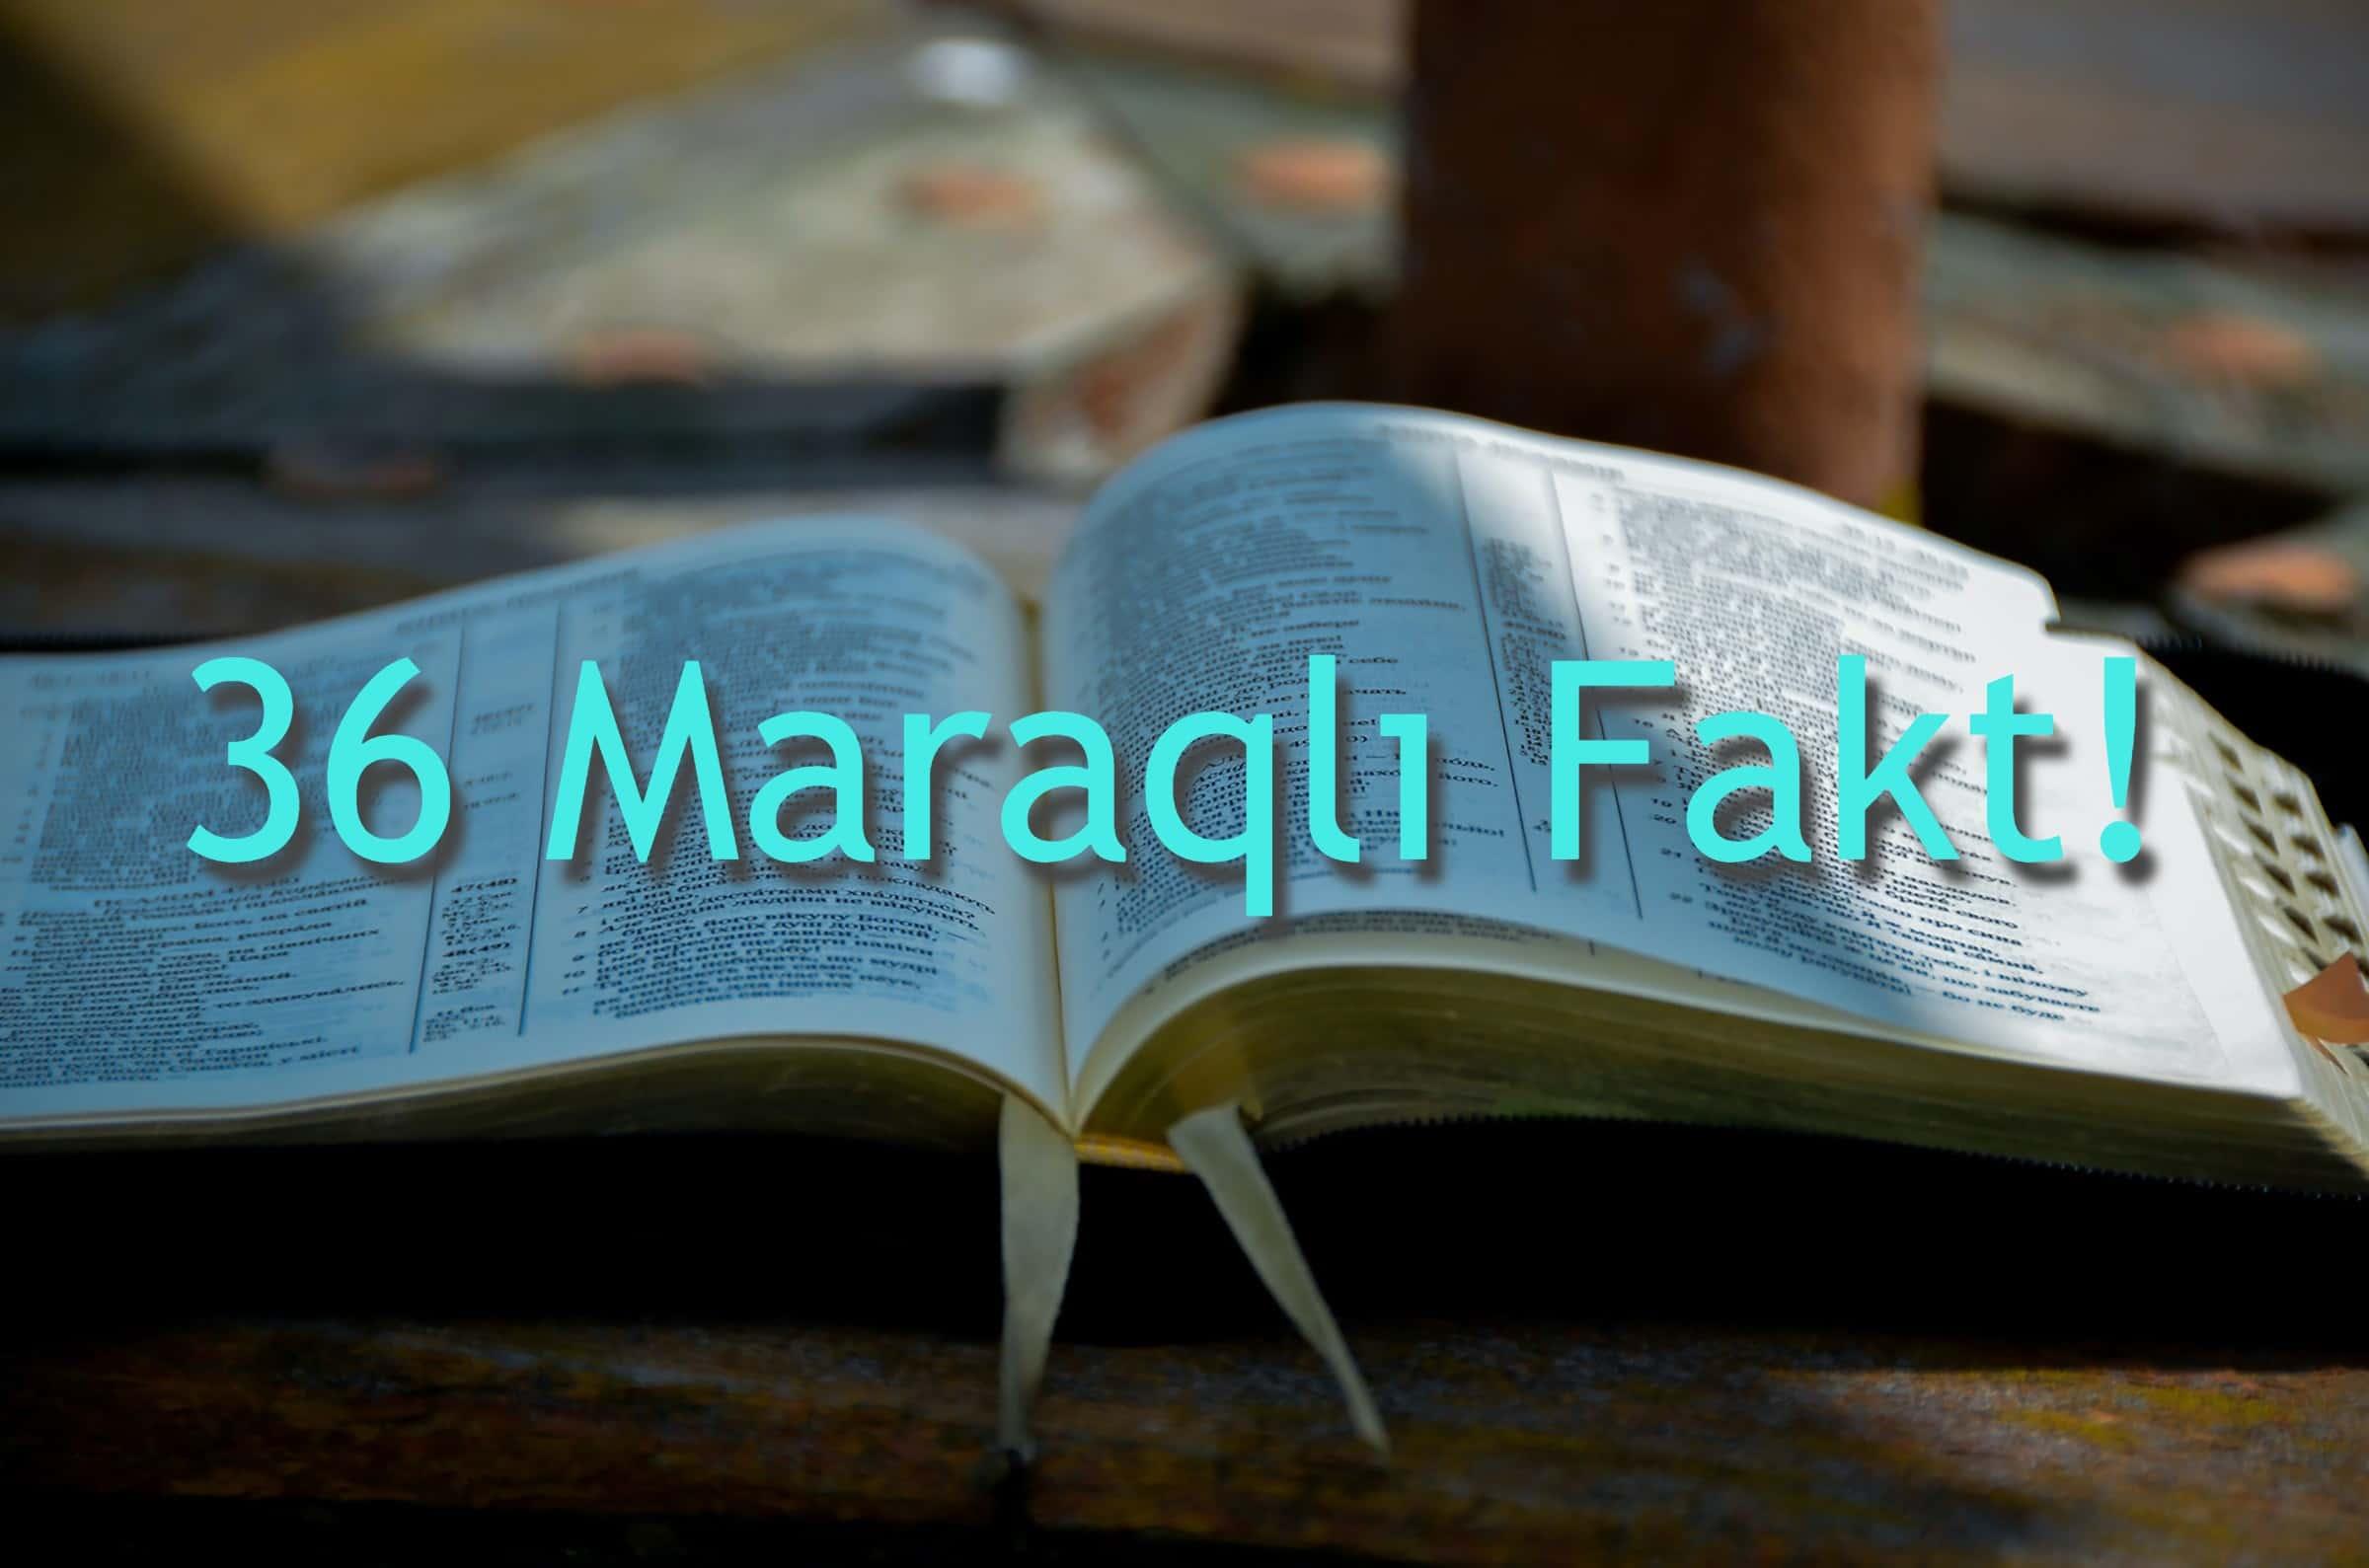 Təəccubləndirəcək Maraqli Faktlar 36 Qisa Maraqli Fakt